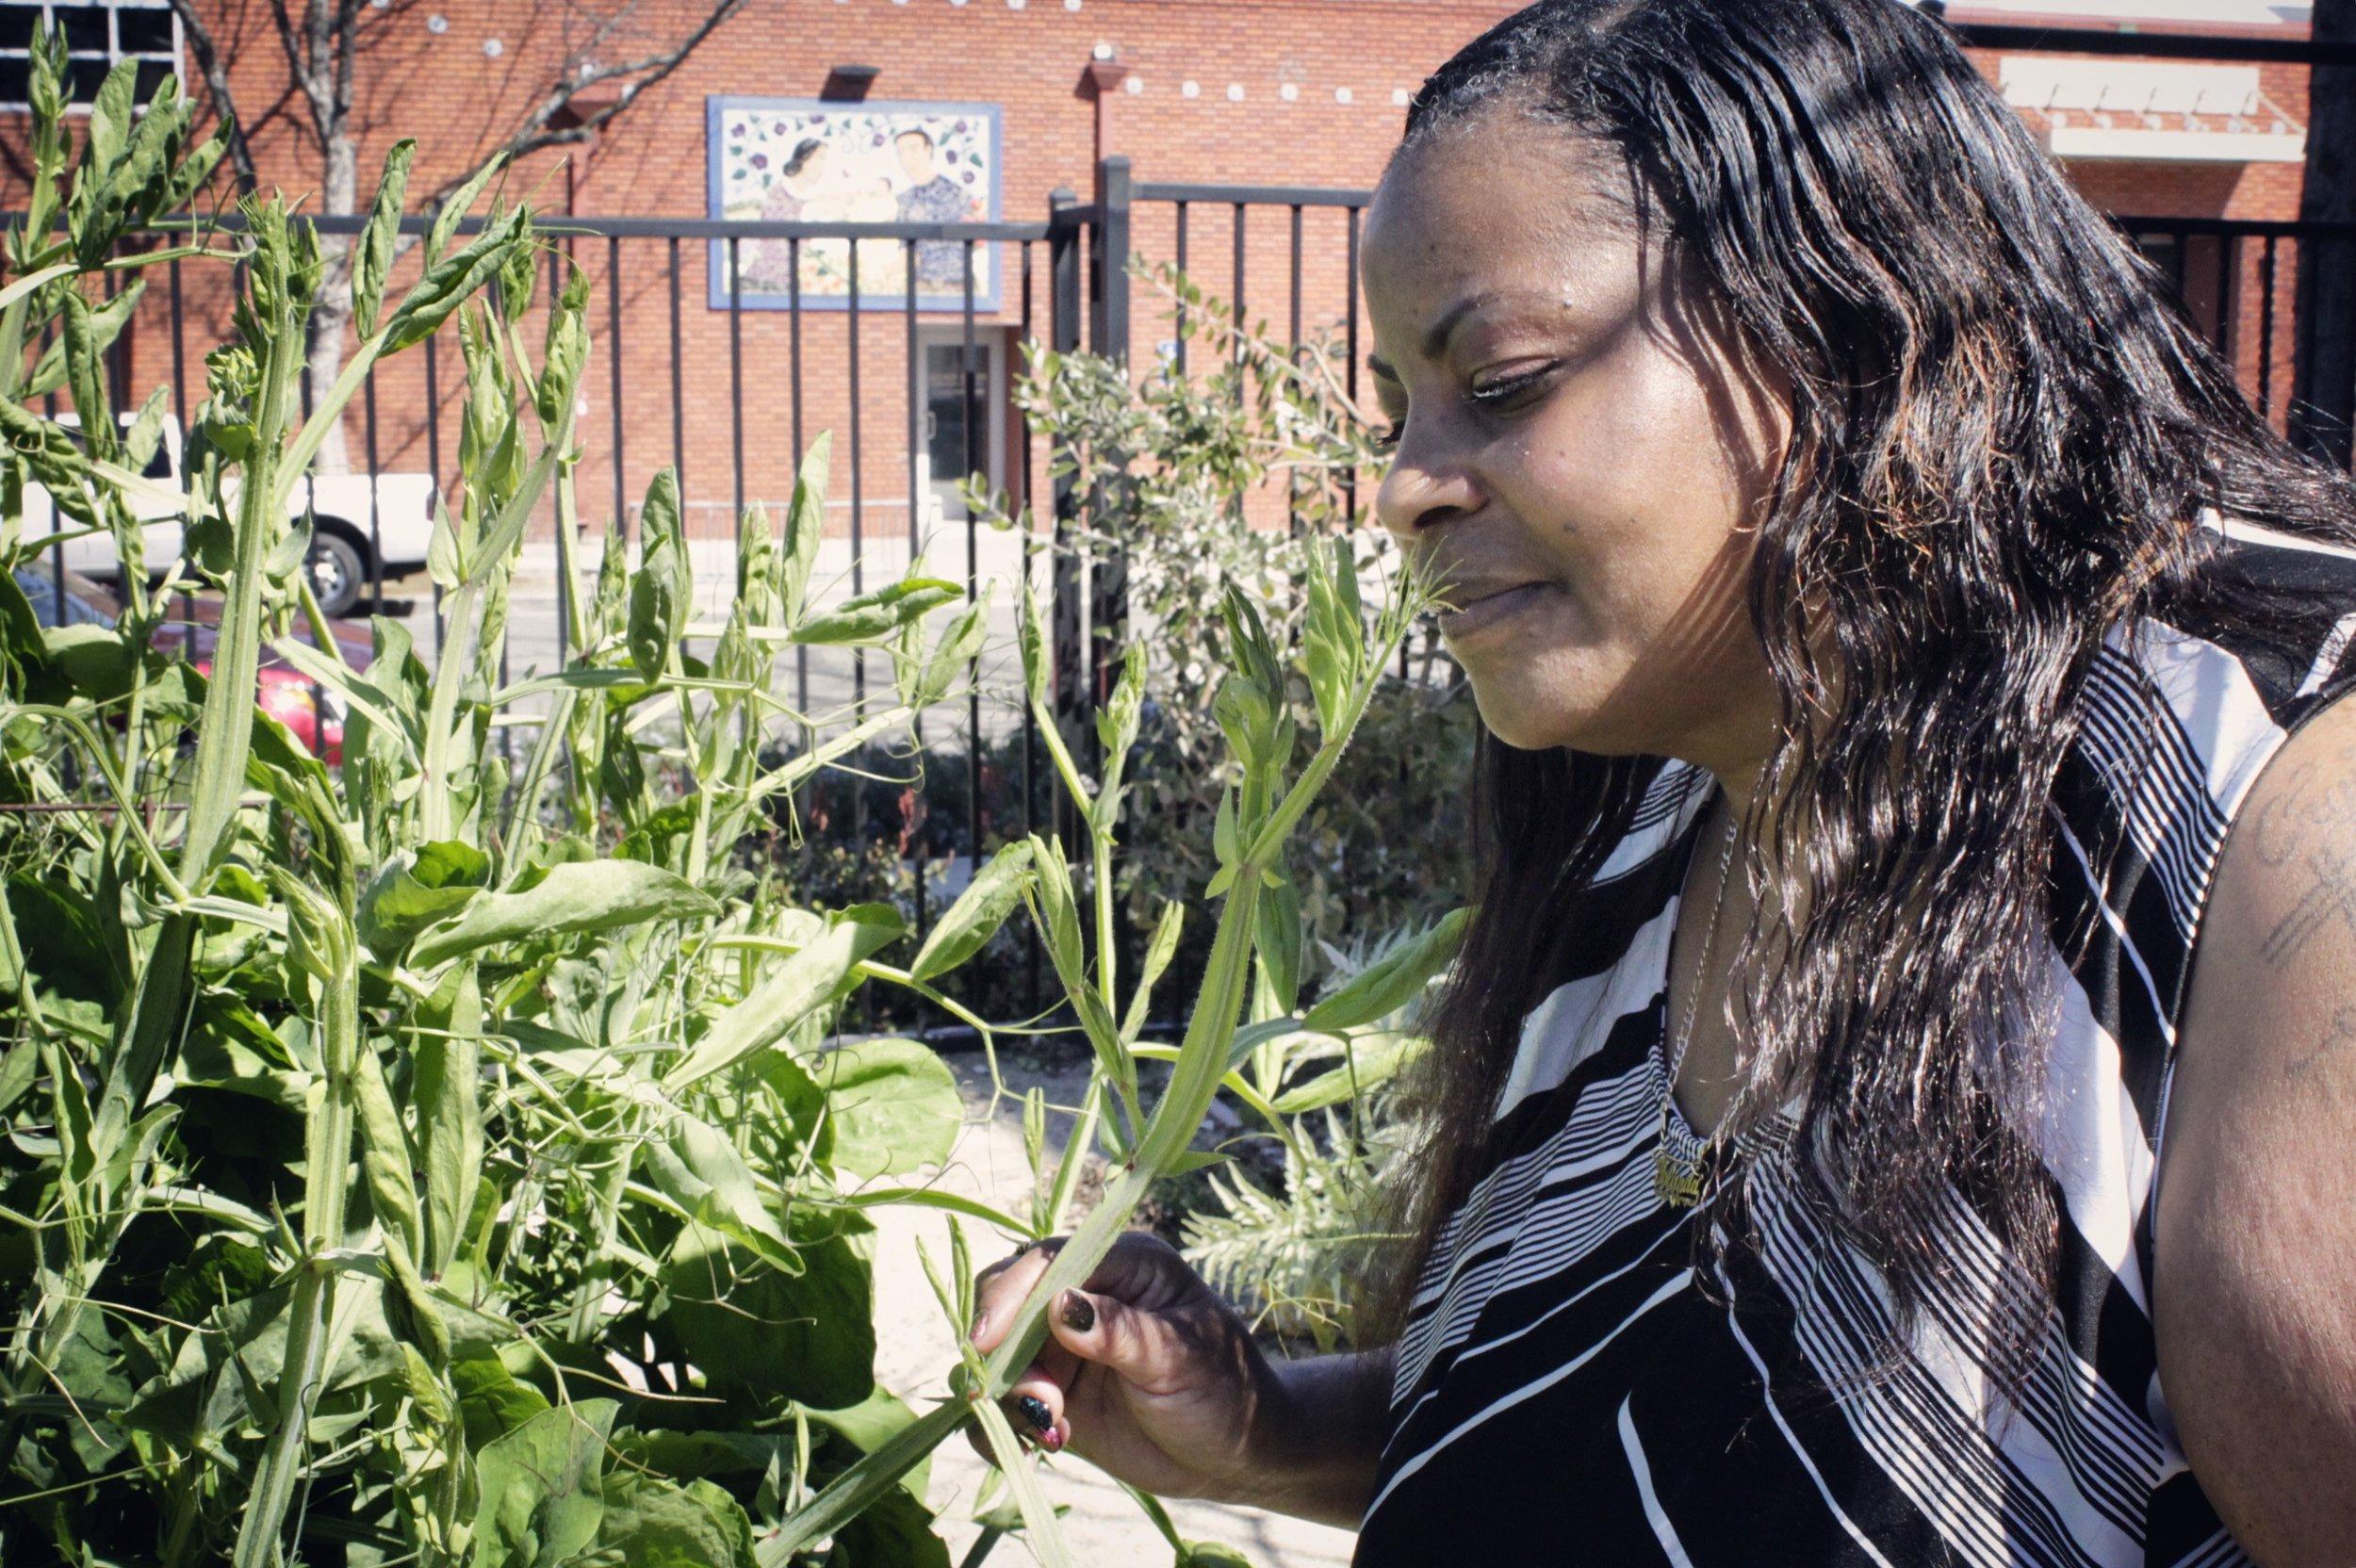 Yolanda garden2.jpg